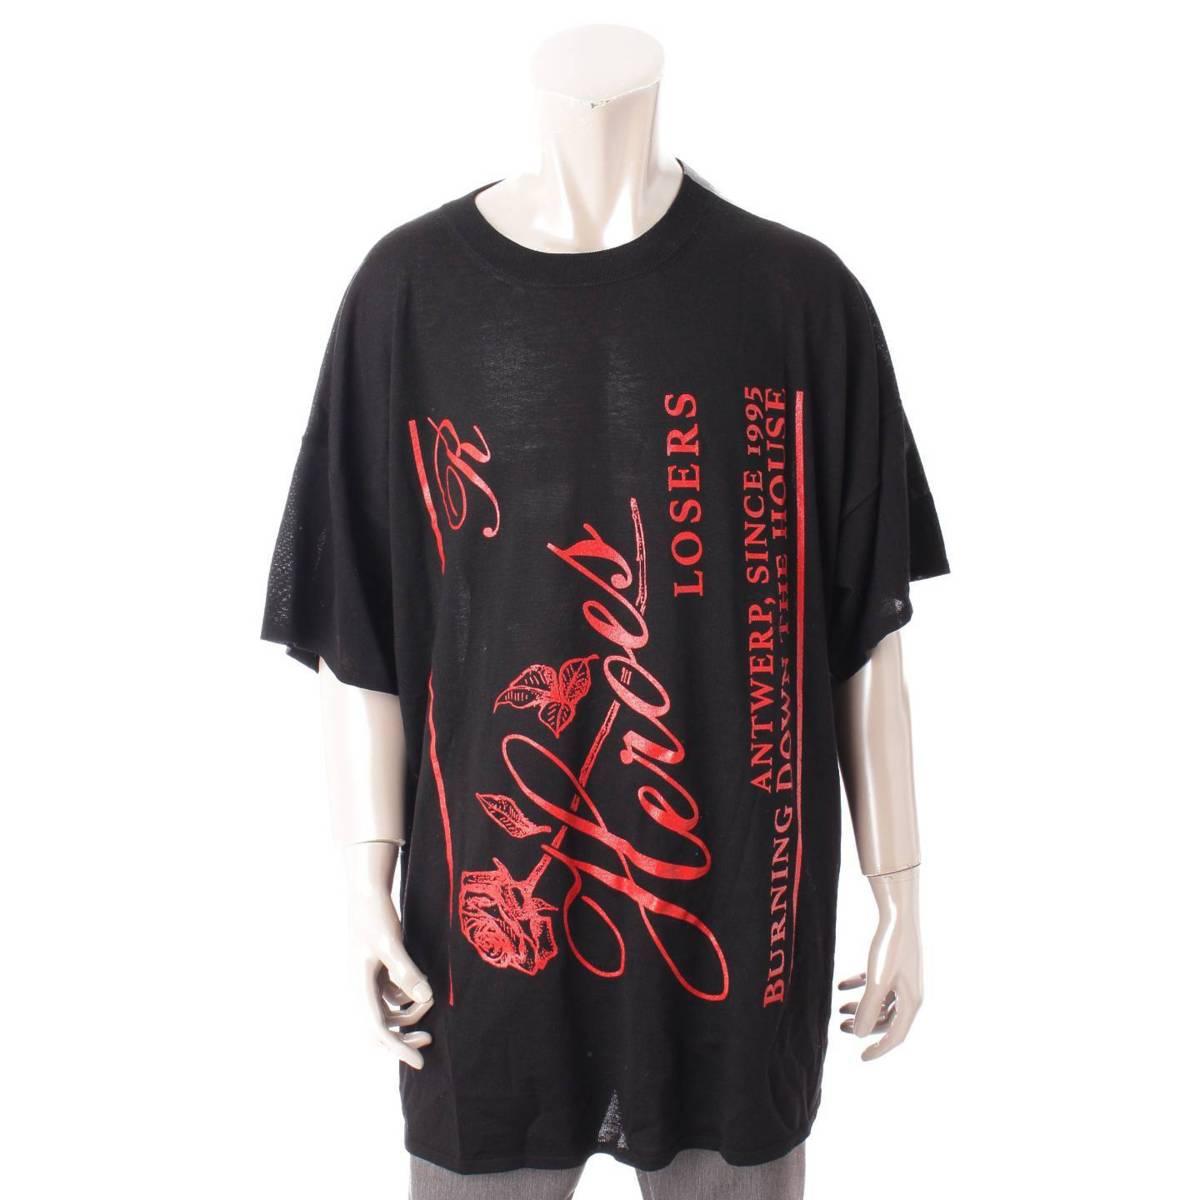 スーパーセール対象商品 ラフ シモンズ Rough Simmons メンズ Templa オーバーサイズ ニット 未使用 鑑定済 ブラック 中古 激安超特価 93478 正規品保証 Tシャツ 希望者のみラッピング無料 S